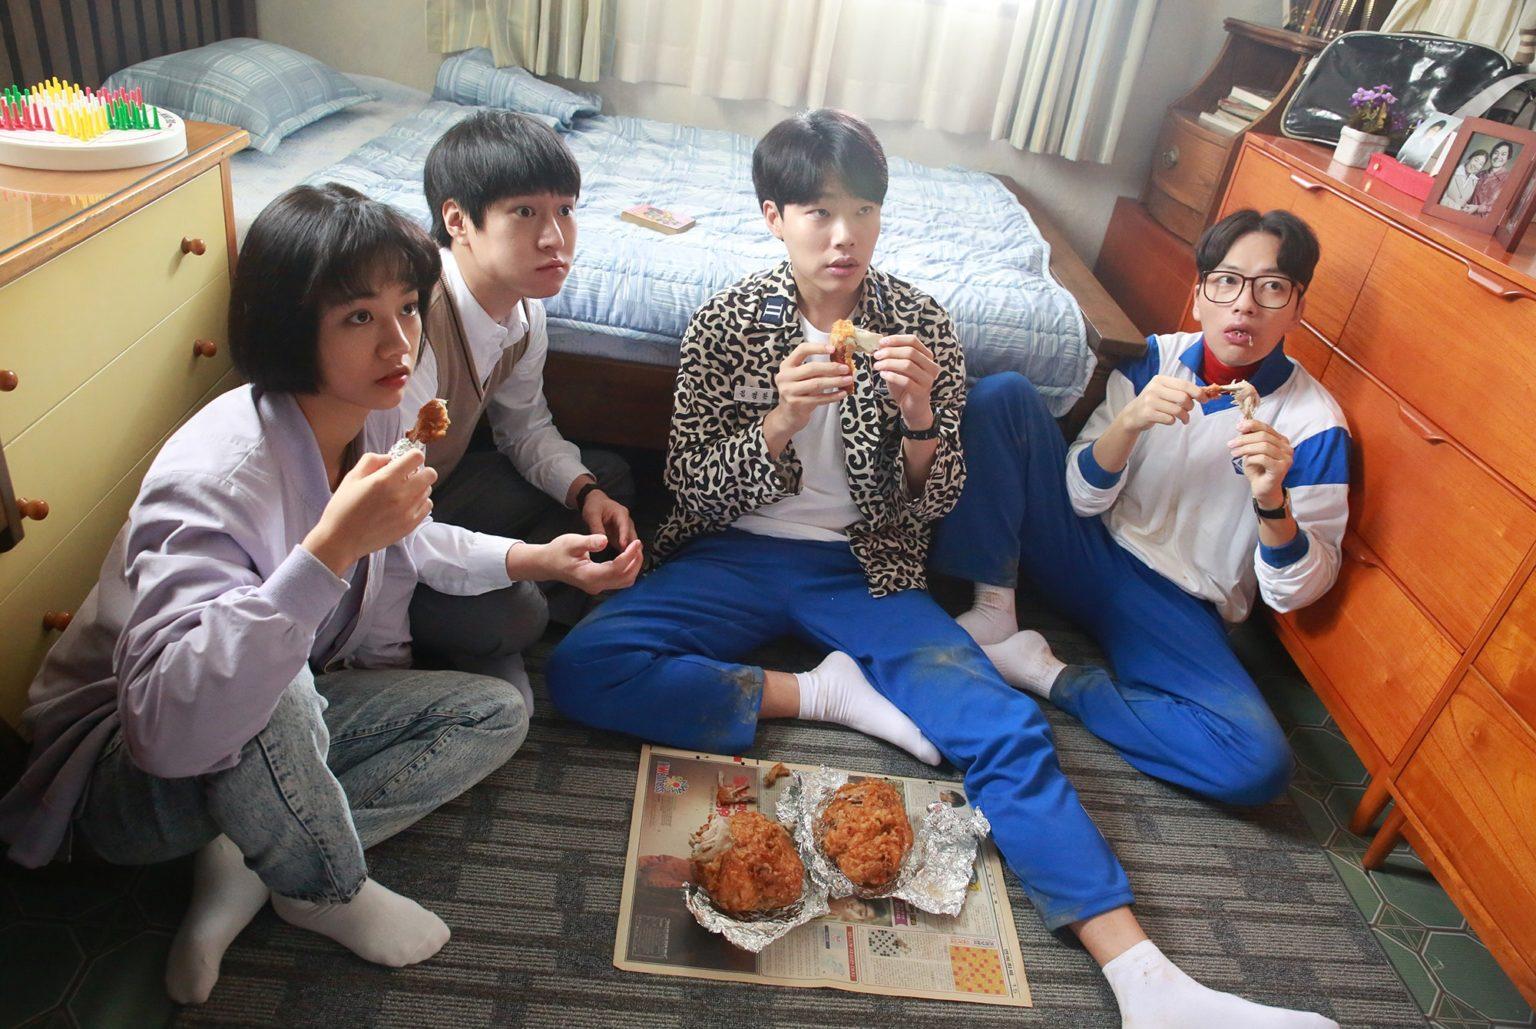 ۱۱ فیلم و سریال برتر کرهای برای کسانی که به فرهنگ پاپ کره جنوبی علاقه دارند